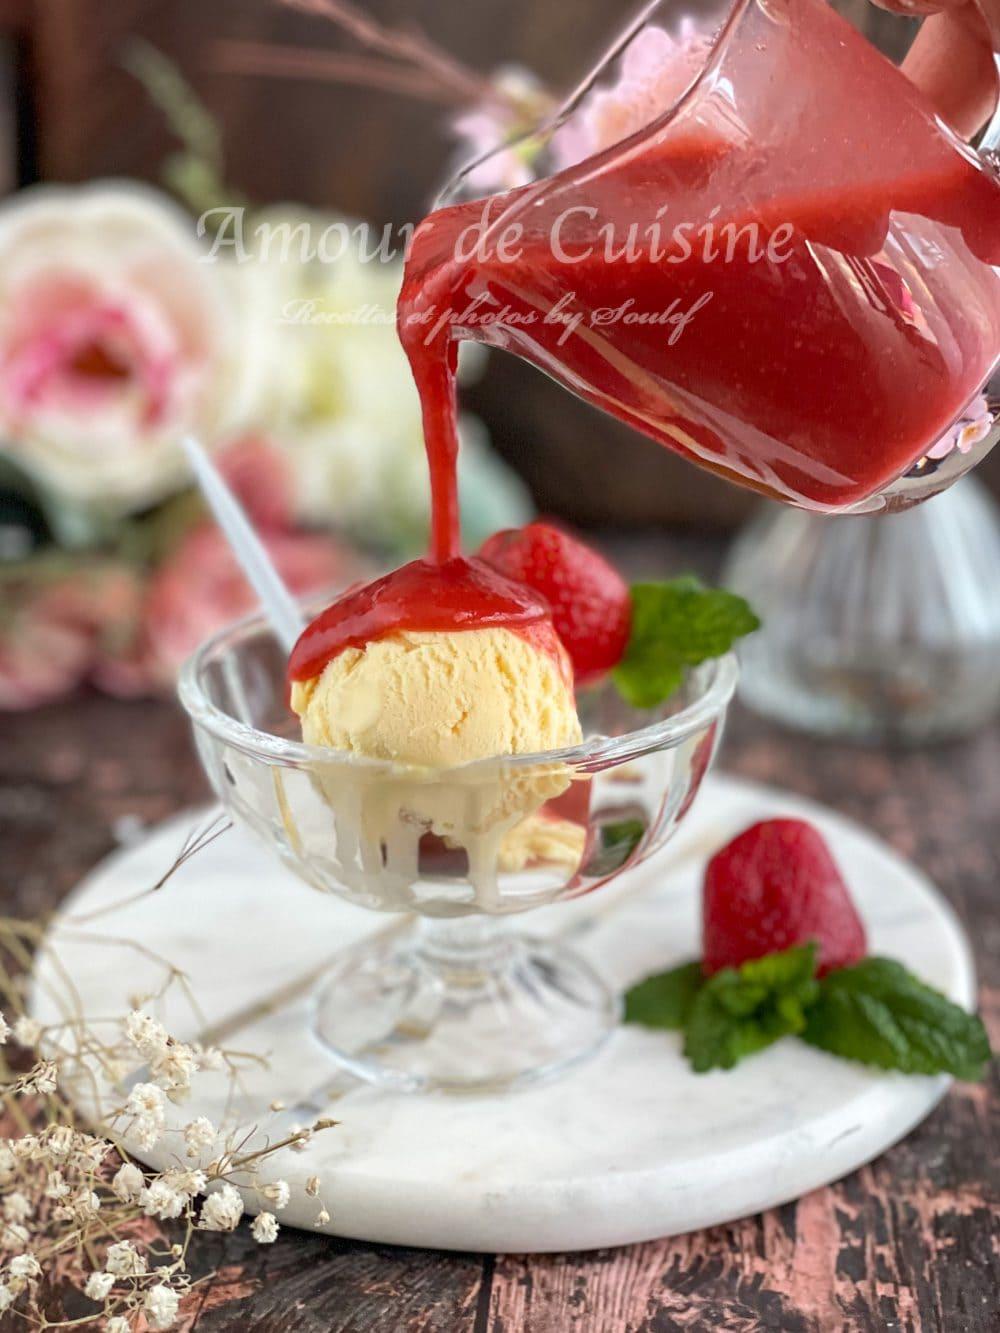 coulis de fraises maison facile servie sur une boule de crème glacée à la vanille